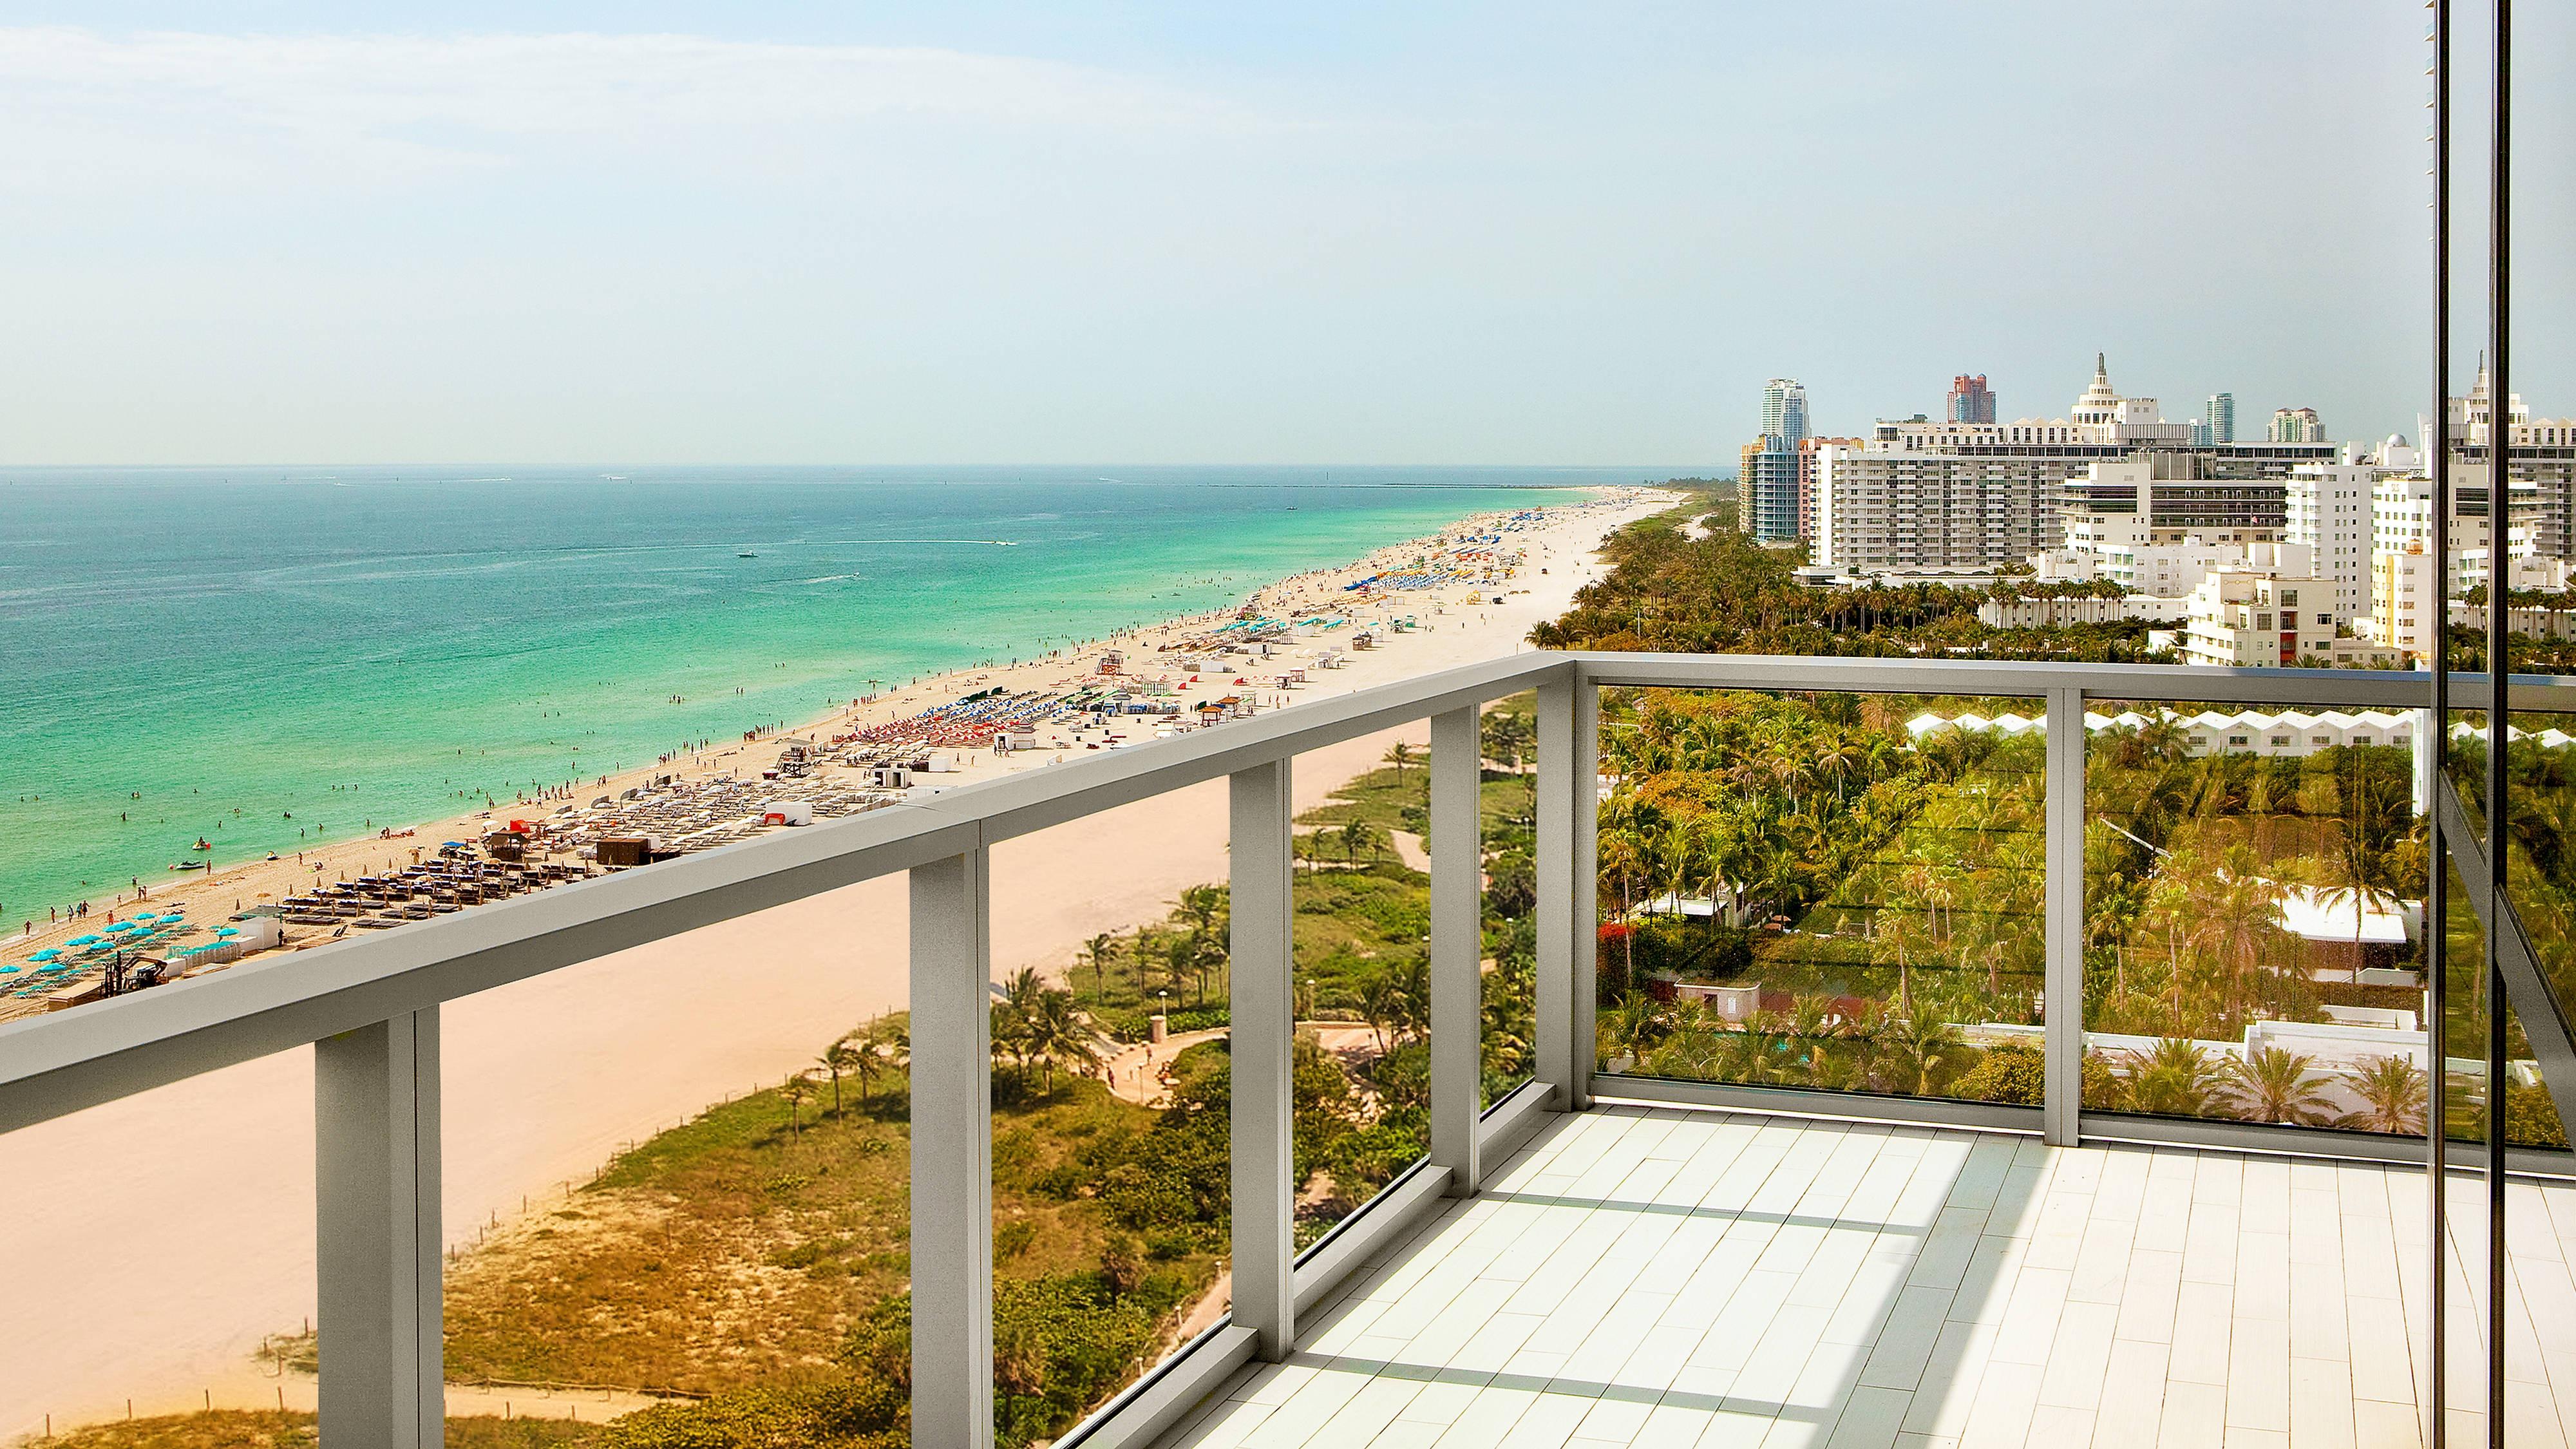 E-Wow Balcony View